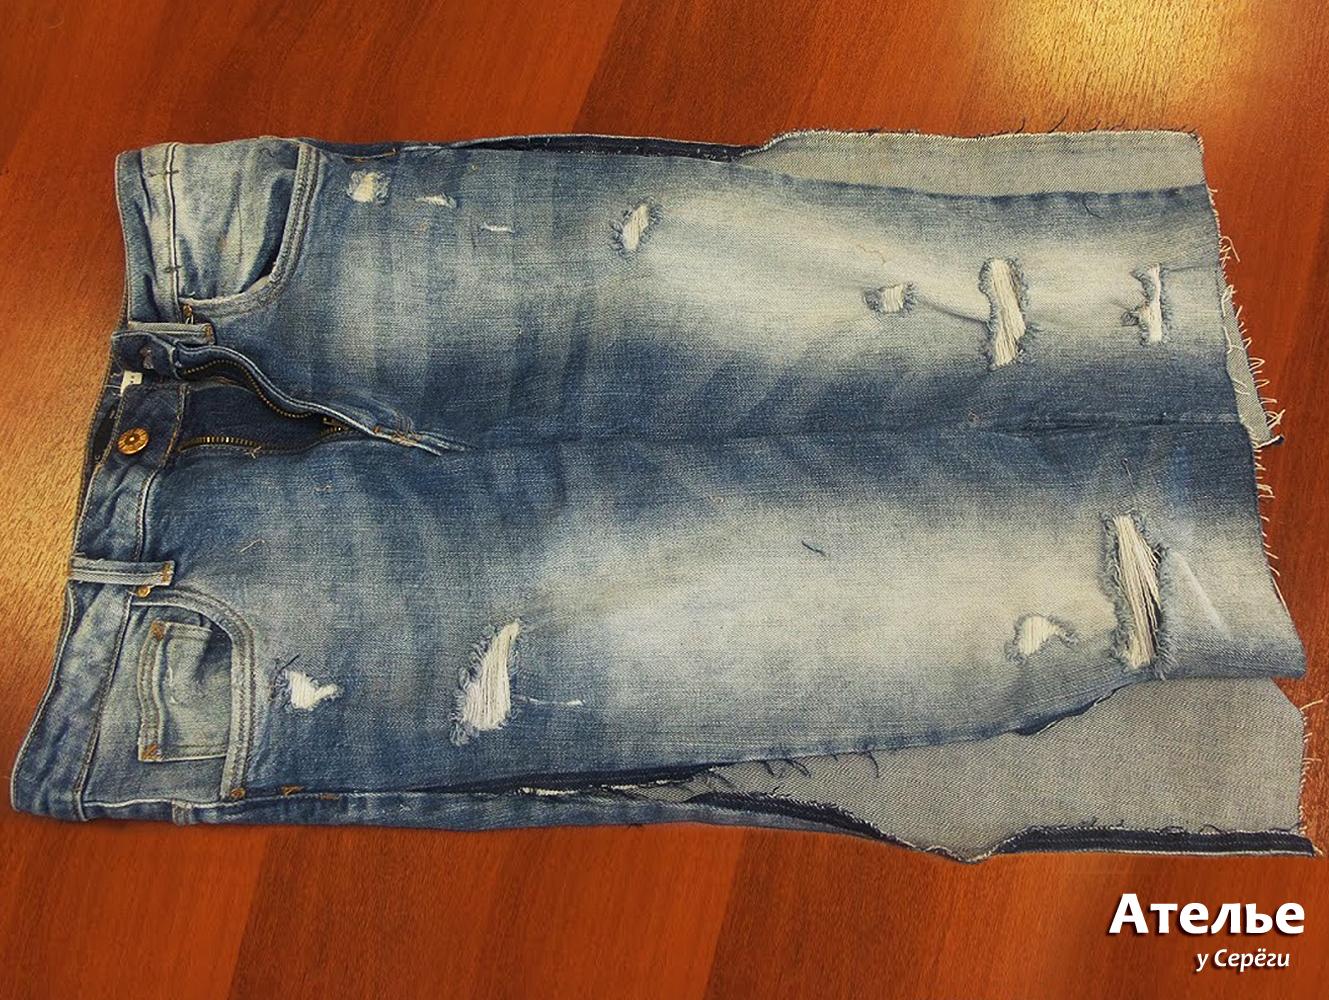 Юбка с джинсов в домашних условиях